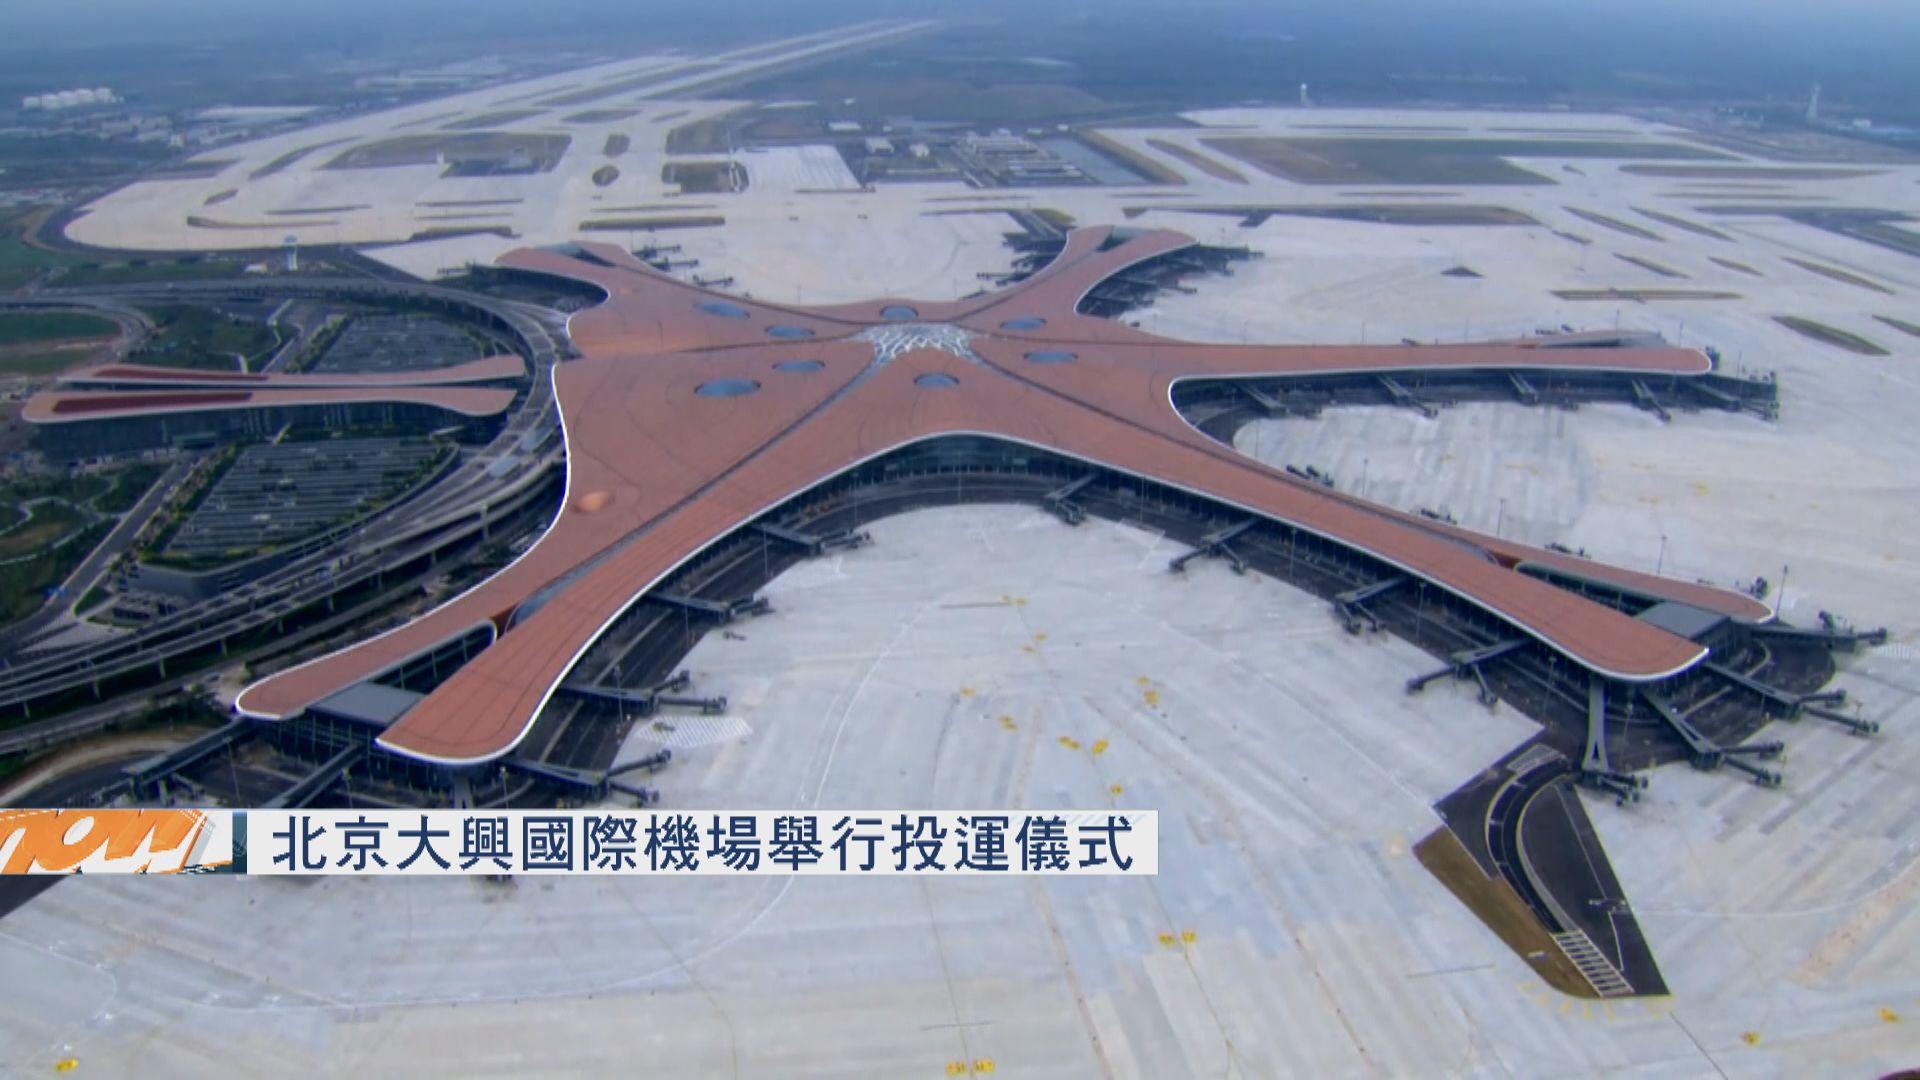 北京大興國際機場舉行投運儀式